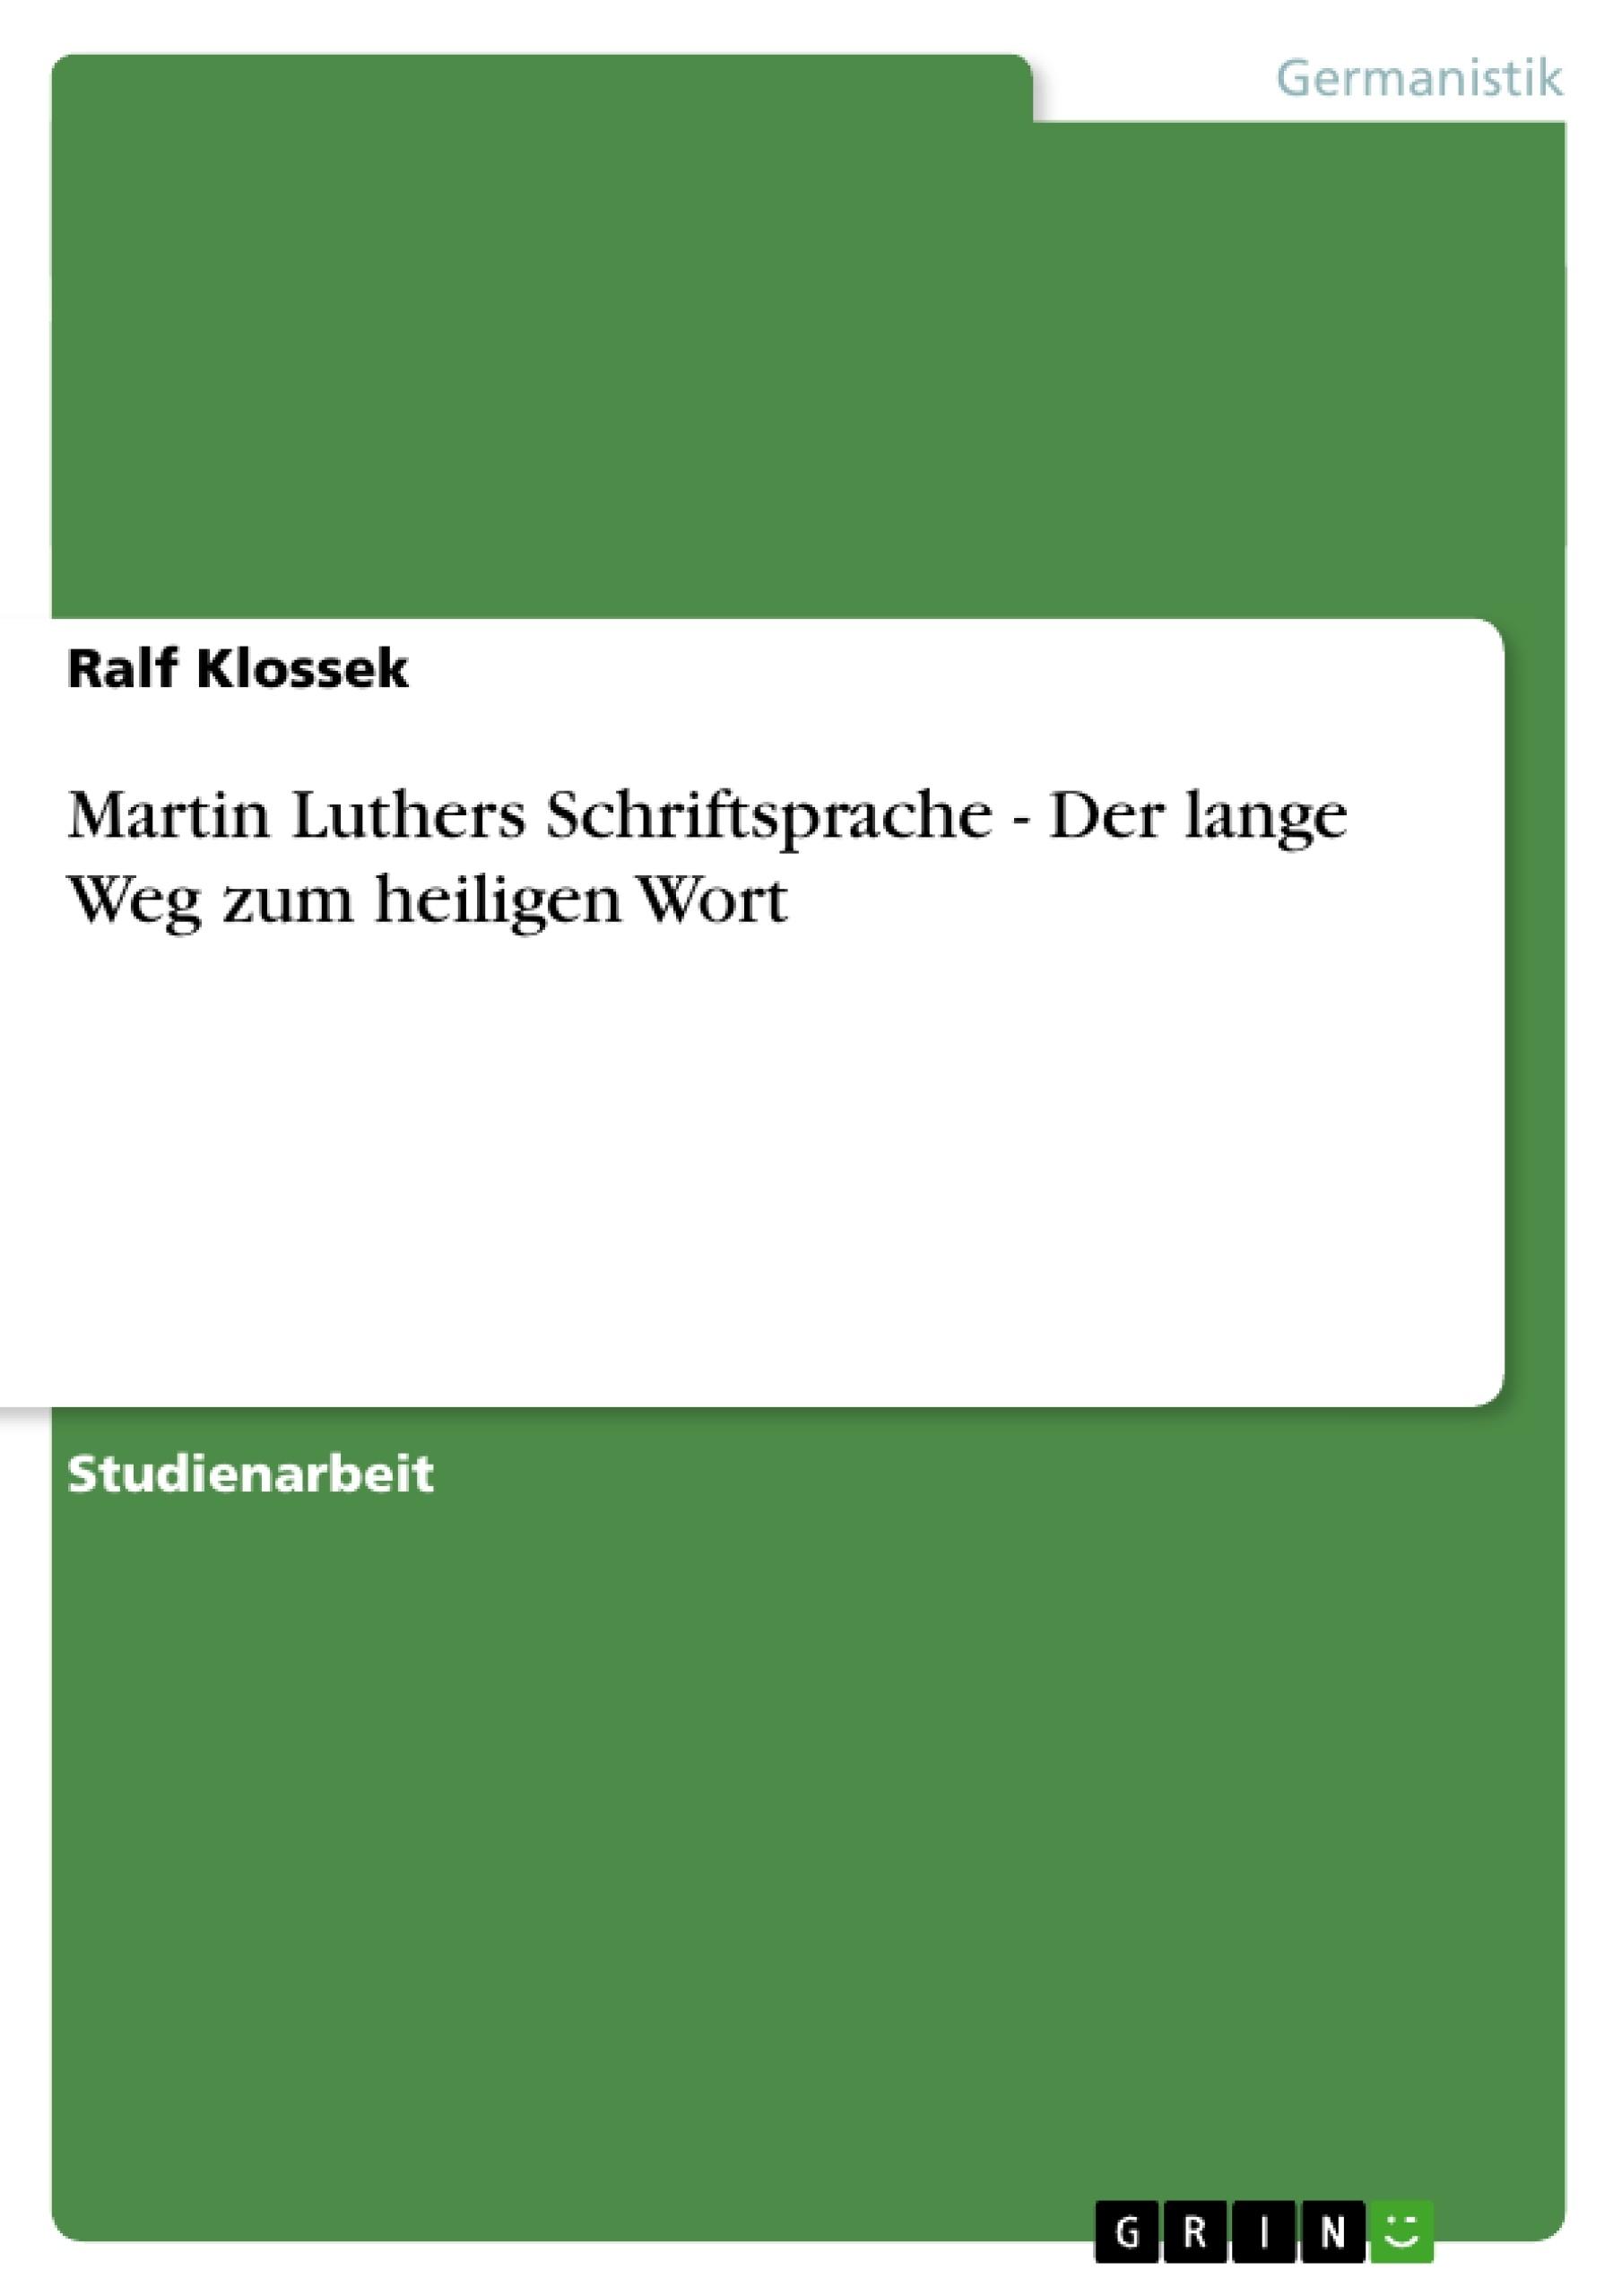 Titel: Martin Luthers Schriftsprache - Der lange Weg zum heiligen Wort